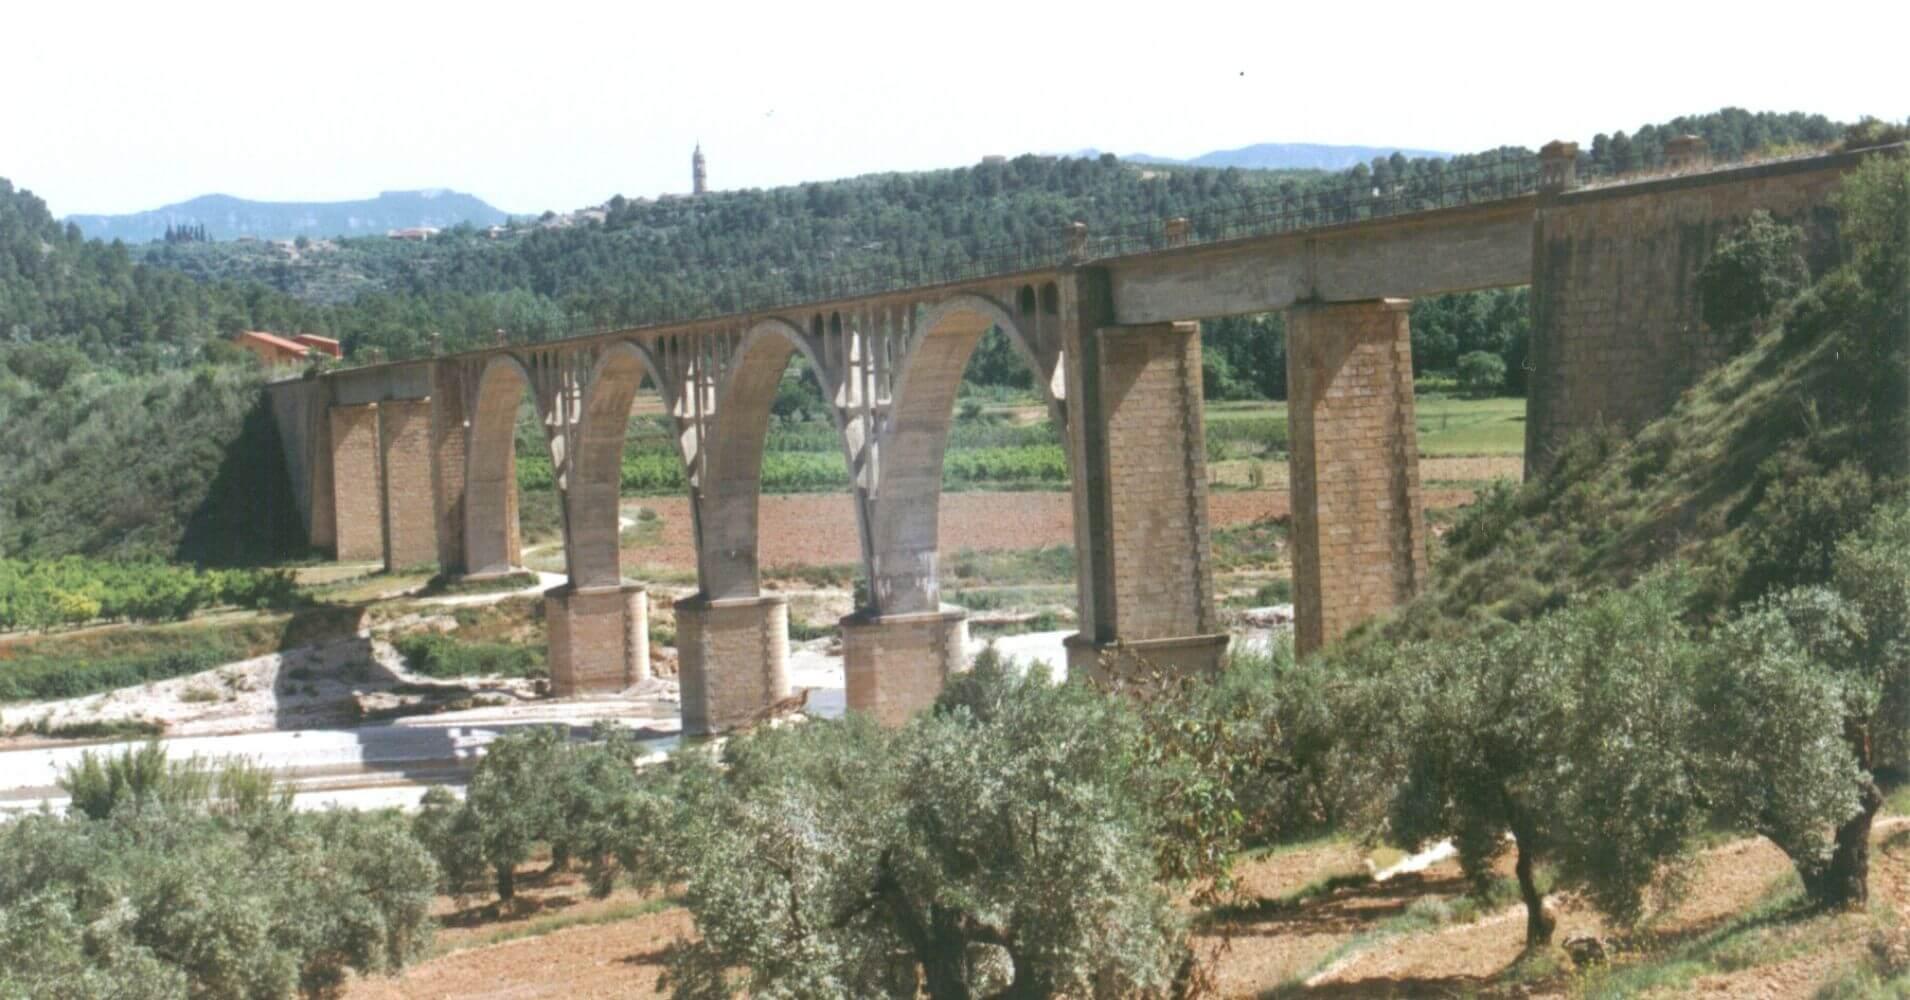 Vía Verde Val de Zafán. Viaducto sobre el Matarraña. Teruel, Aragón.